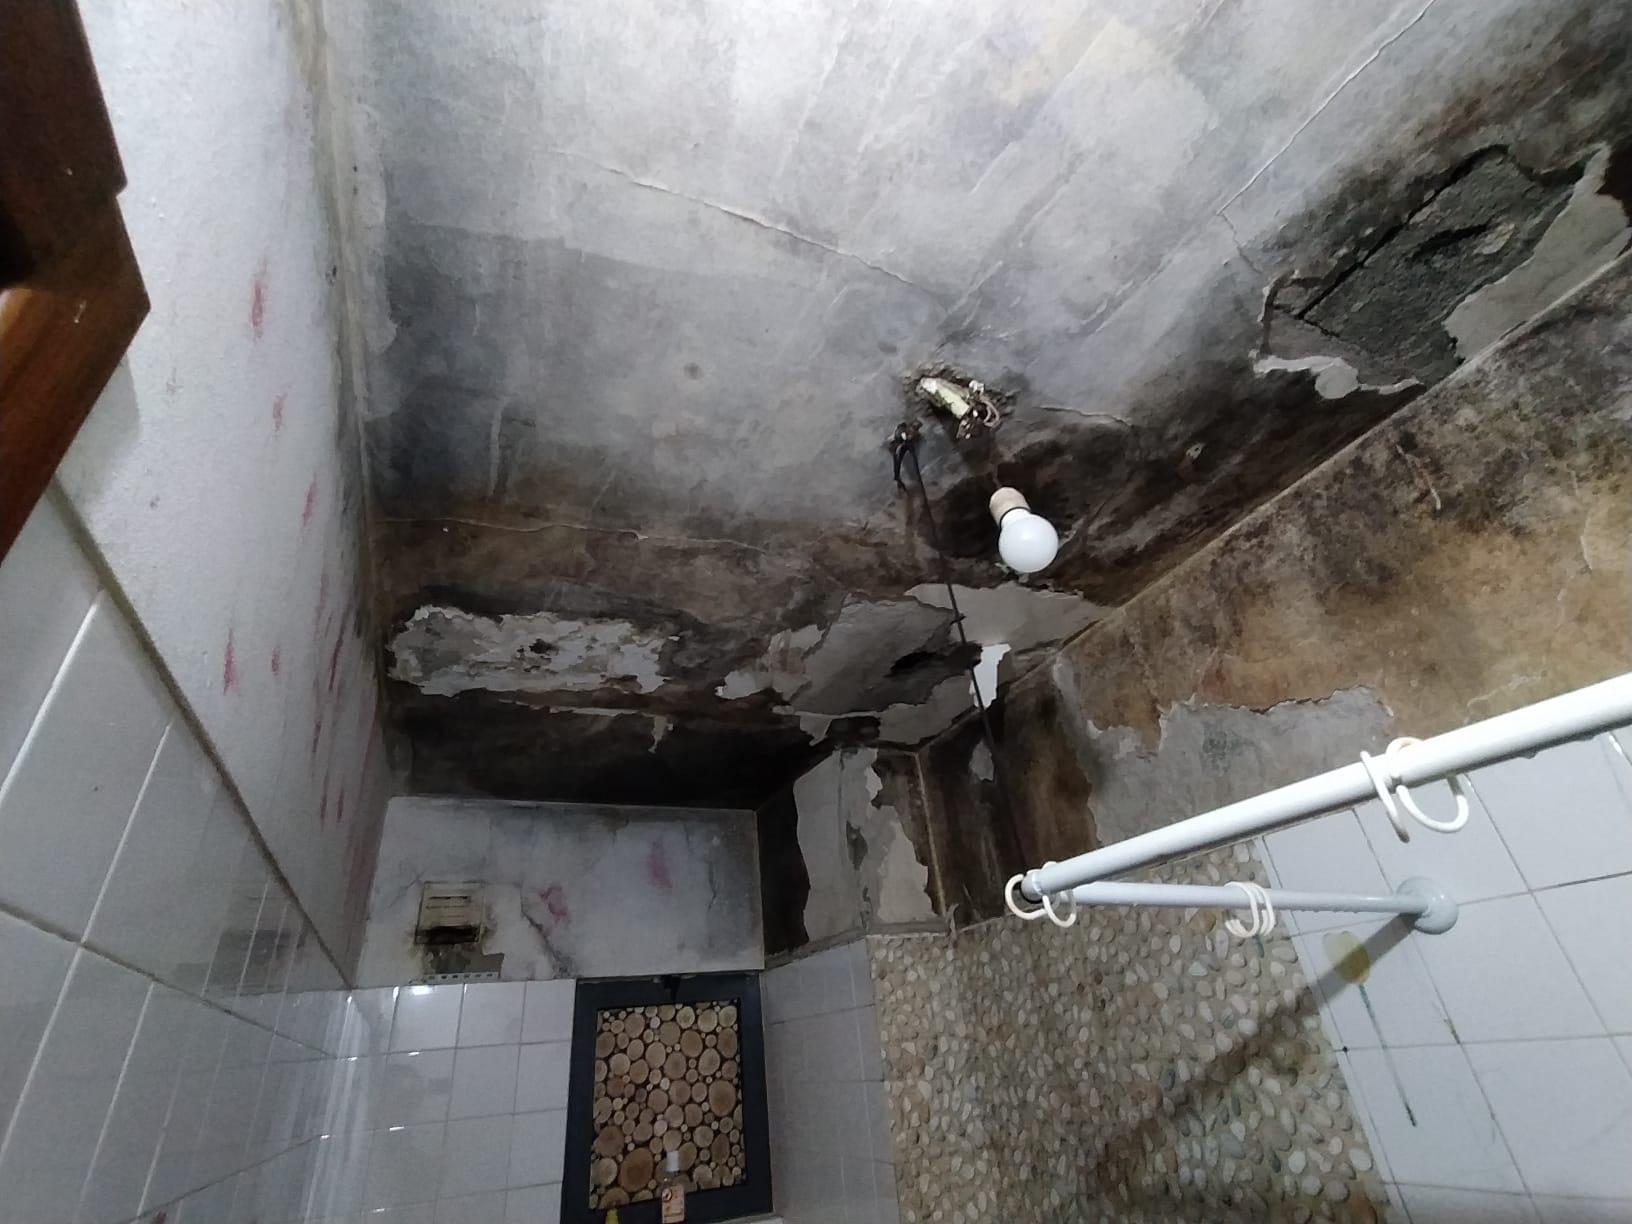 Câmara de Viseu é questionada sobre situação de família em casa inabitável no bairro de Paradinha